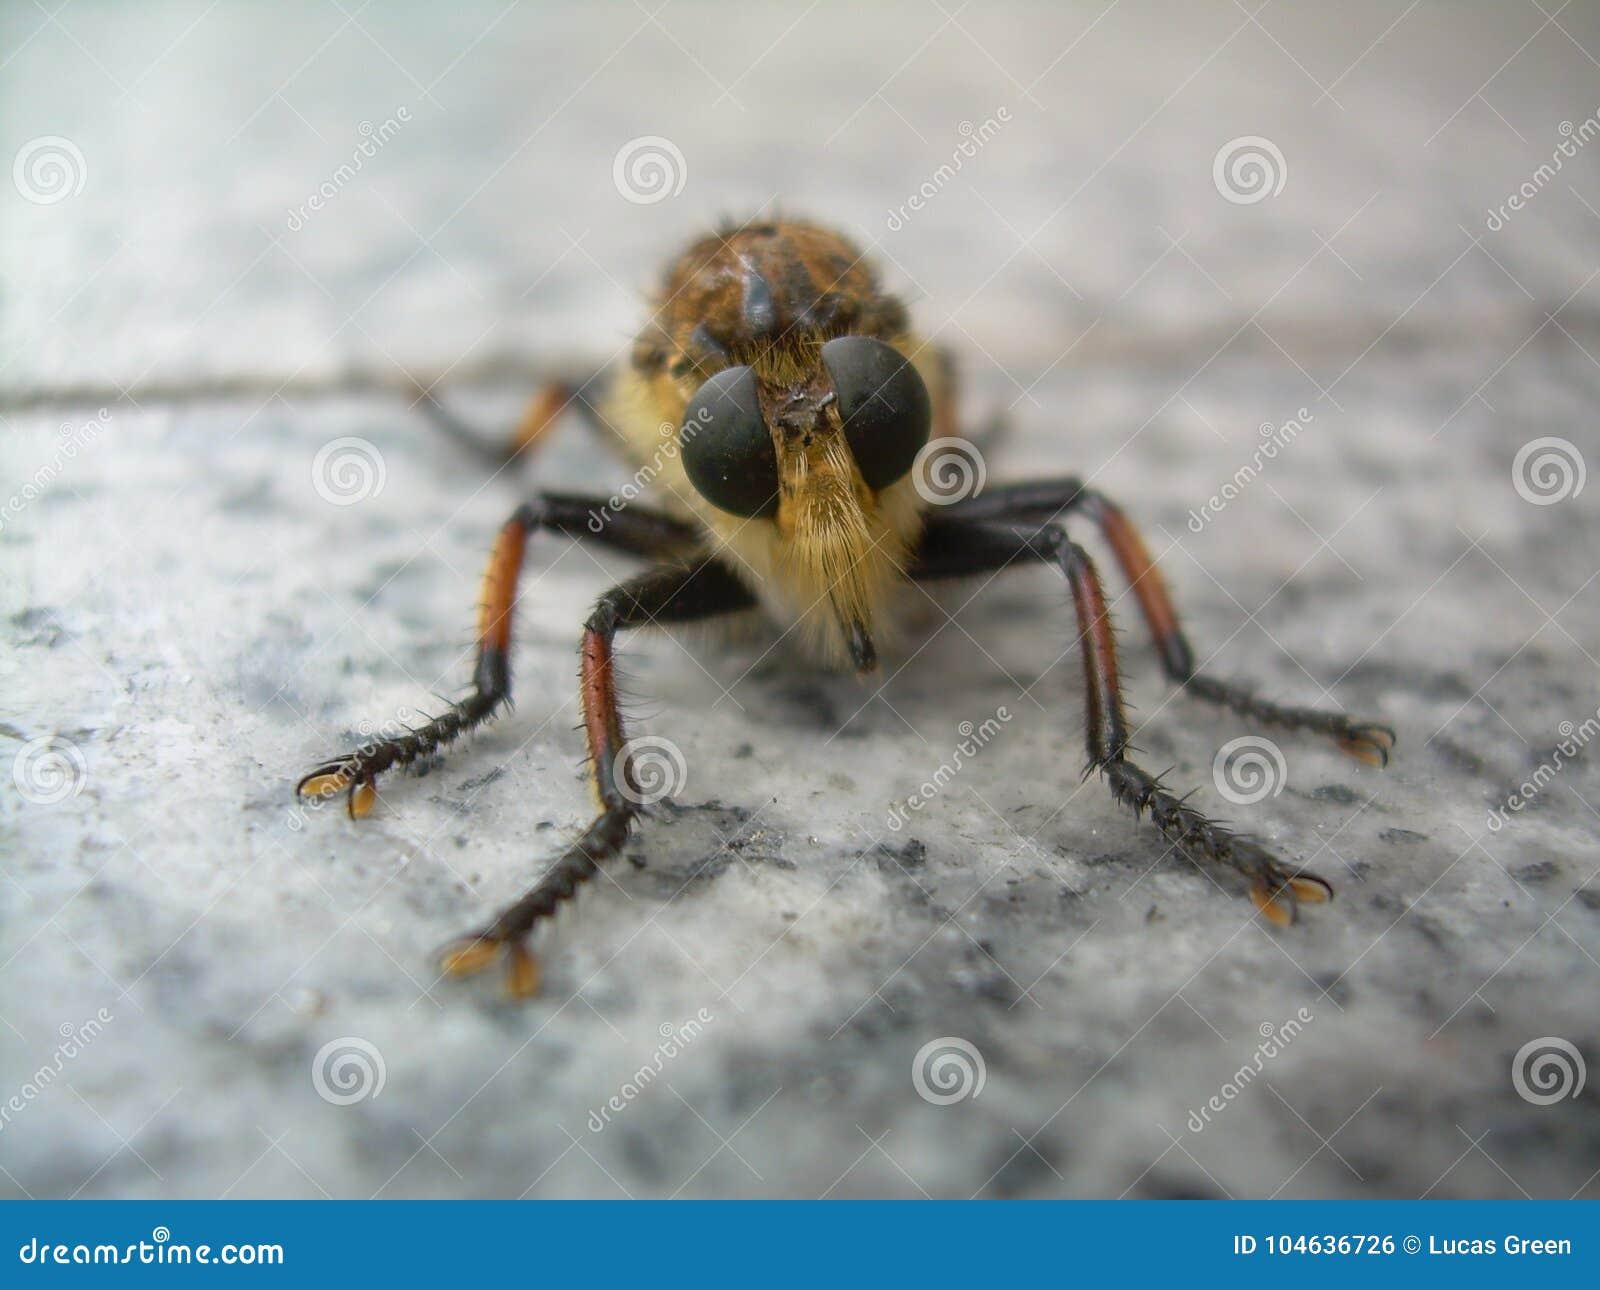 Download Sluit Omhoog Van Insect Zich Bevindt Op Marmer Stock Foto - Afbeelding bestaande uit voorgrond, hoek: 104636726